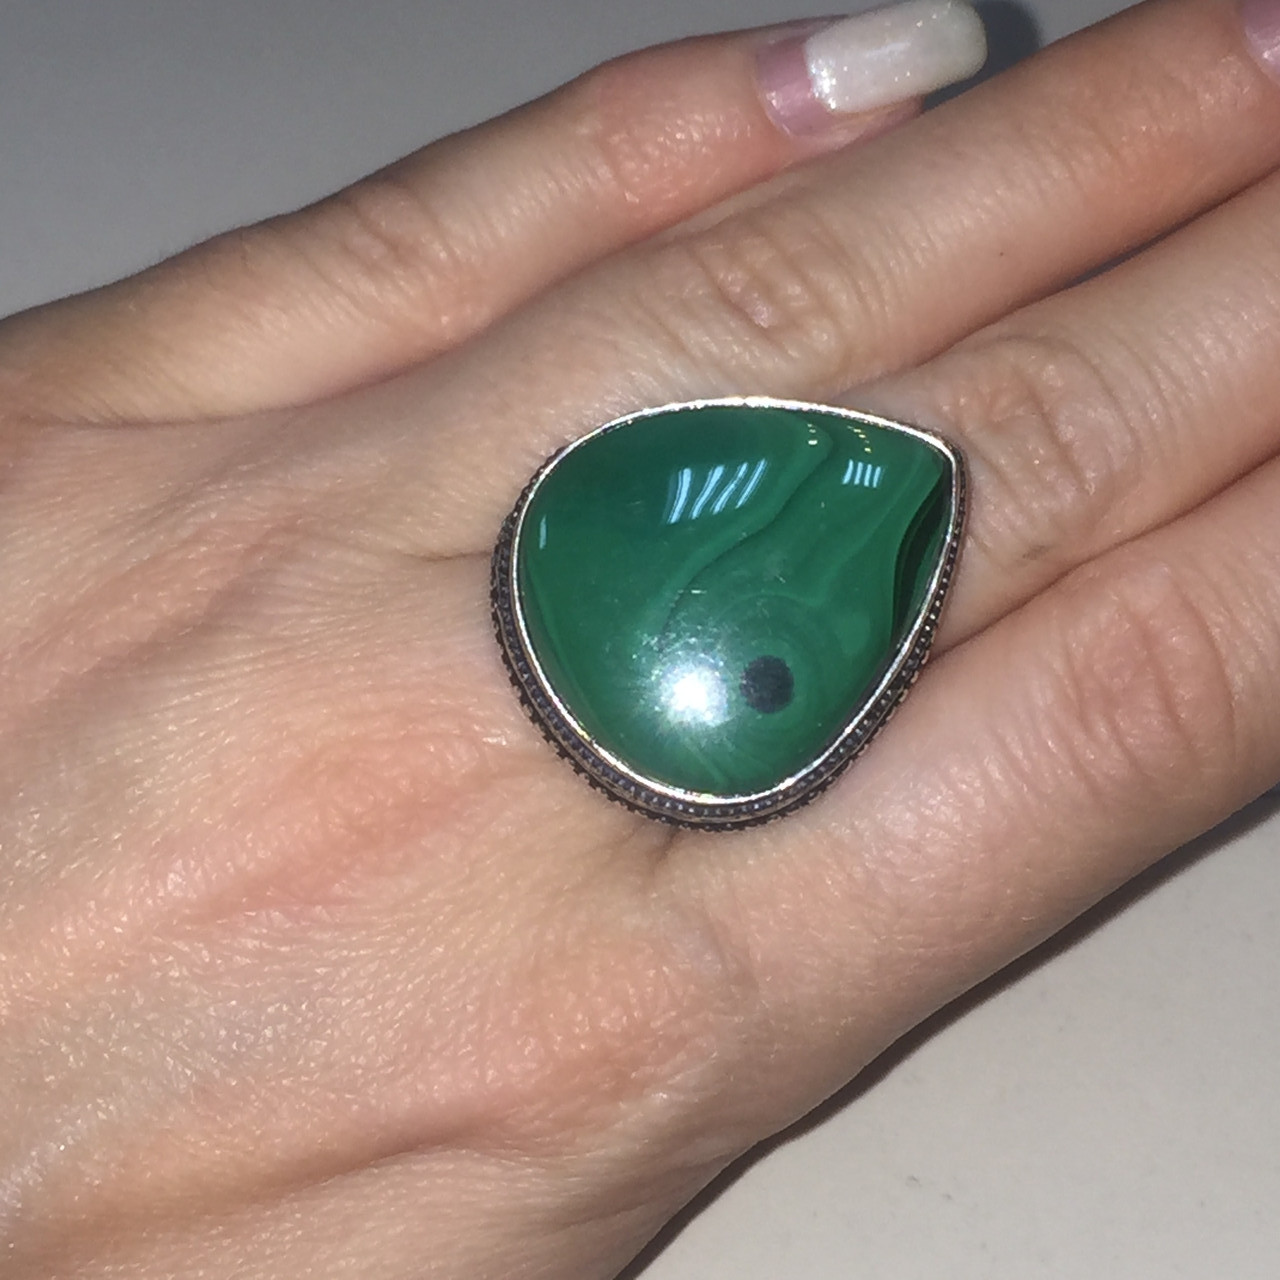 Малахит кольцо капля с малахитом в серебре 18.5 19 размер Индия